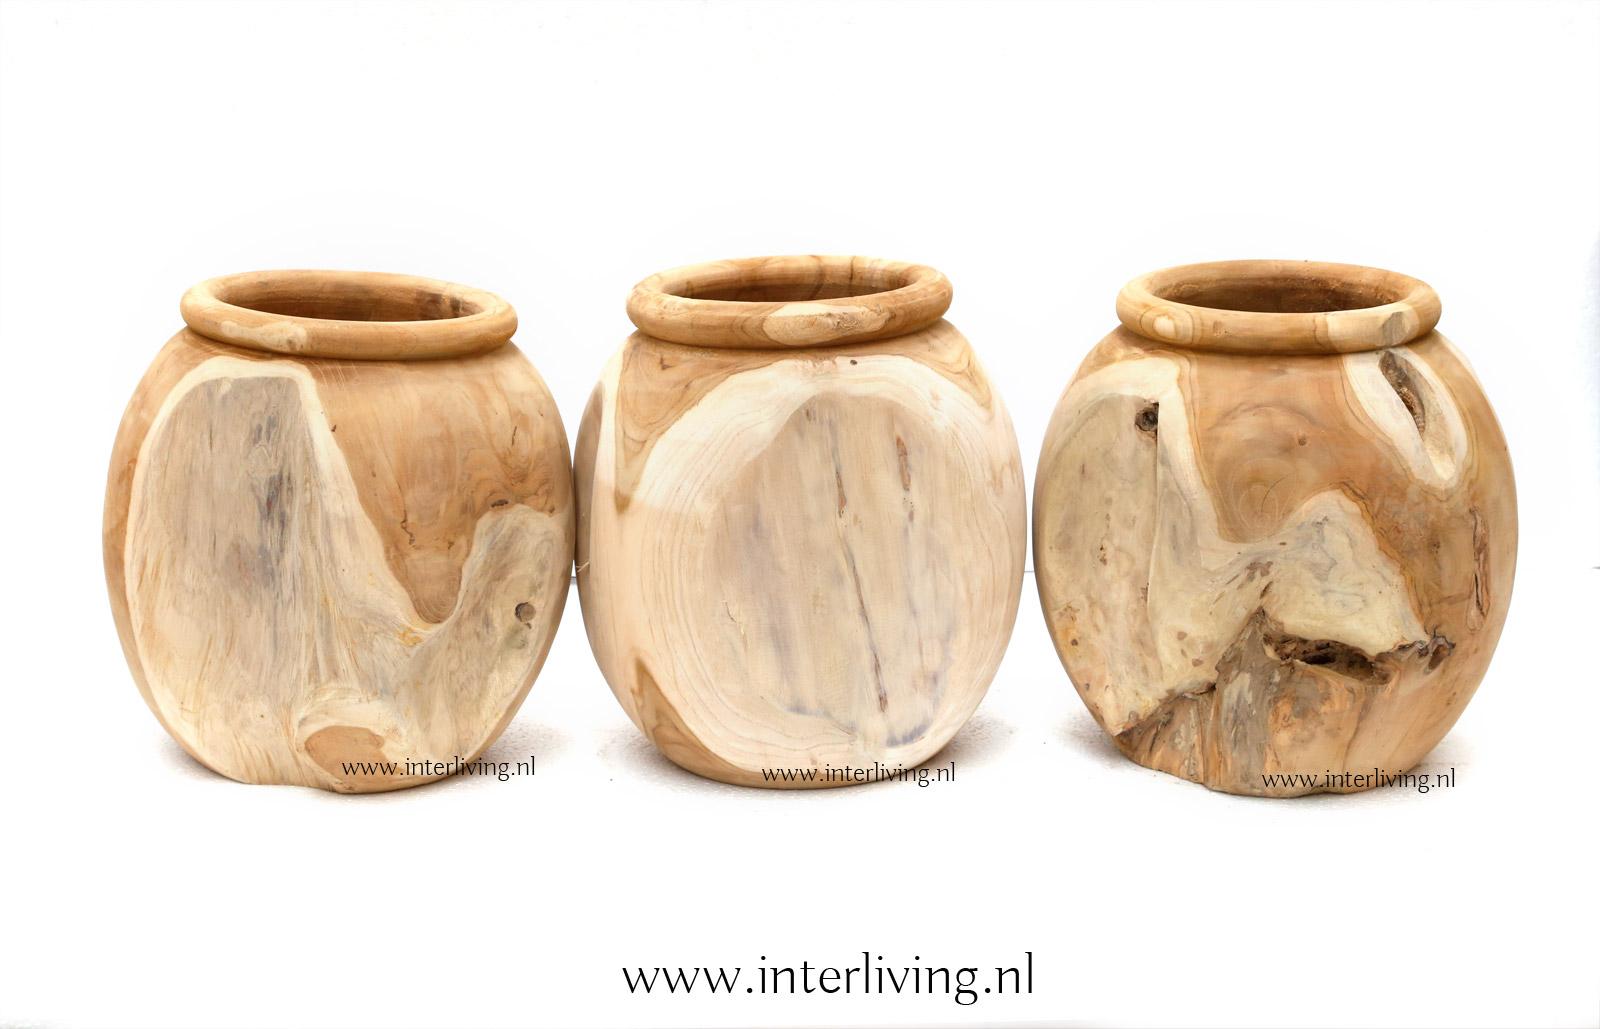 sierpot - plantenpot van teakhout uit Indonesië / Bali styling voor je huis en interieur